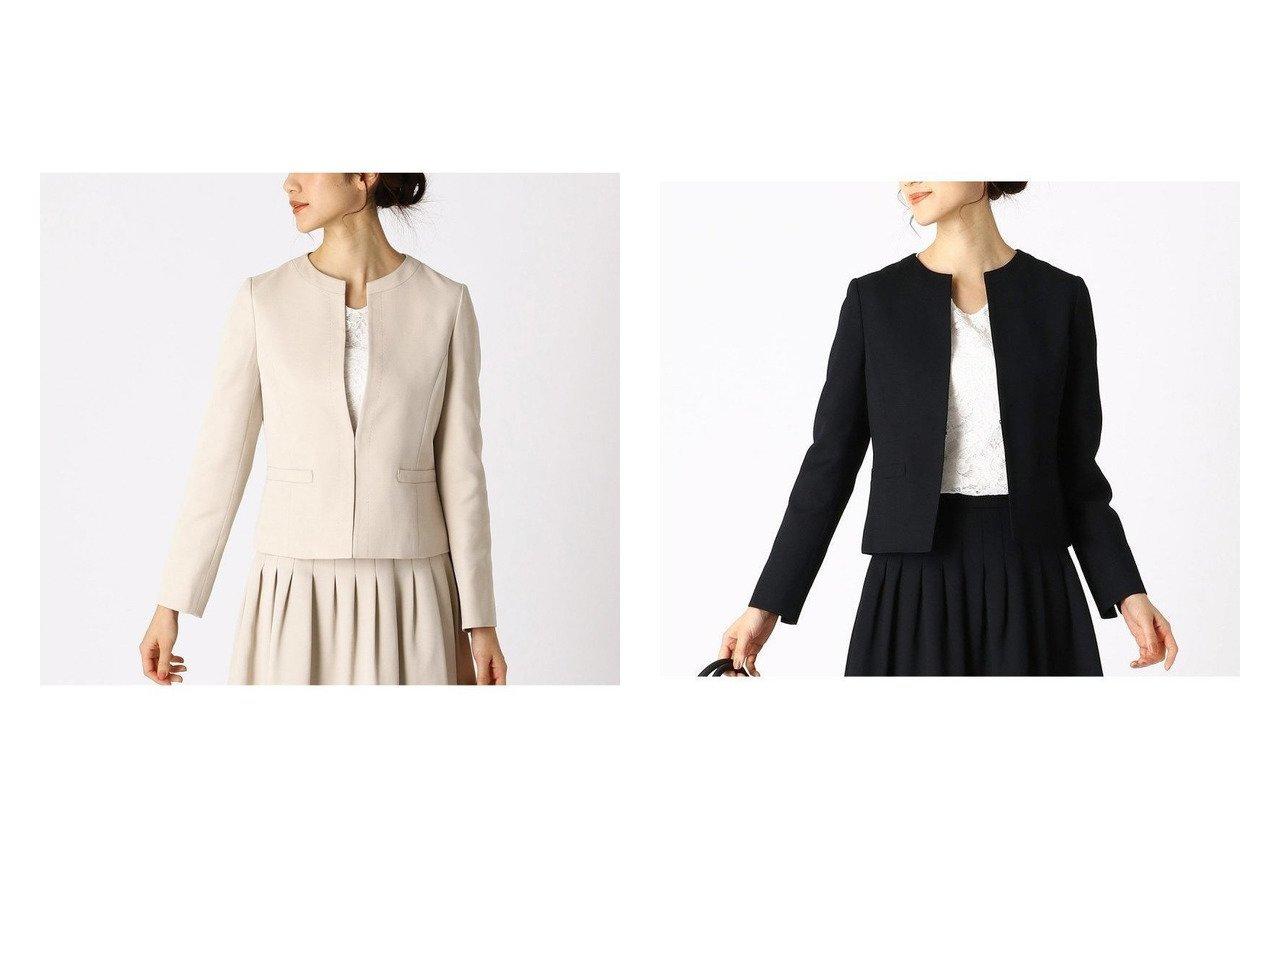 【COMME CA ISM/コムサイズム】のノーカラージャケット アウターのおすすめ!人気、レディースファッションの通販 おすすめファッション通販アイテム インテリア・キッズ・メンズ・レディースファッション・服の通販 founy(ファニー) ファッション Fashion レディース WOMEN アウター Coat Outerwear ジャケット Jackets ノーカラージャケット No Collar Leather Jackets スーツ Suits スーツ ジャケット Jacket スーツセット Suit Sets ジャケット スーツ セットアップ ハンド フォーマル ベージュ系 Beige ブルー系 Blue  ID:crp329100000004998